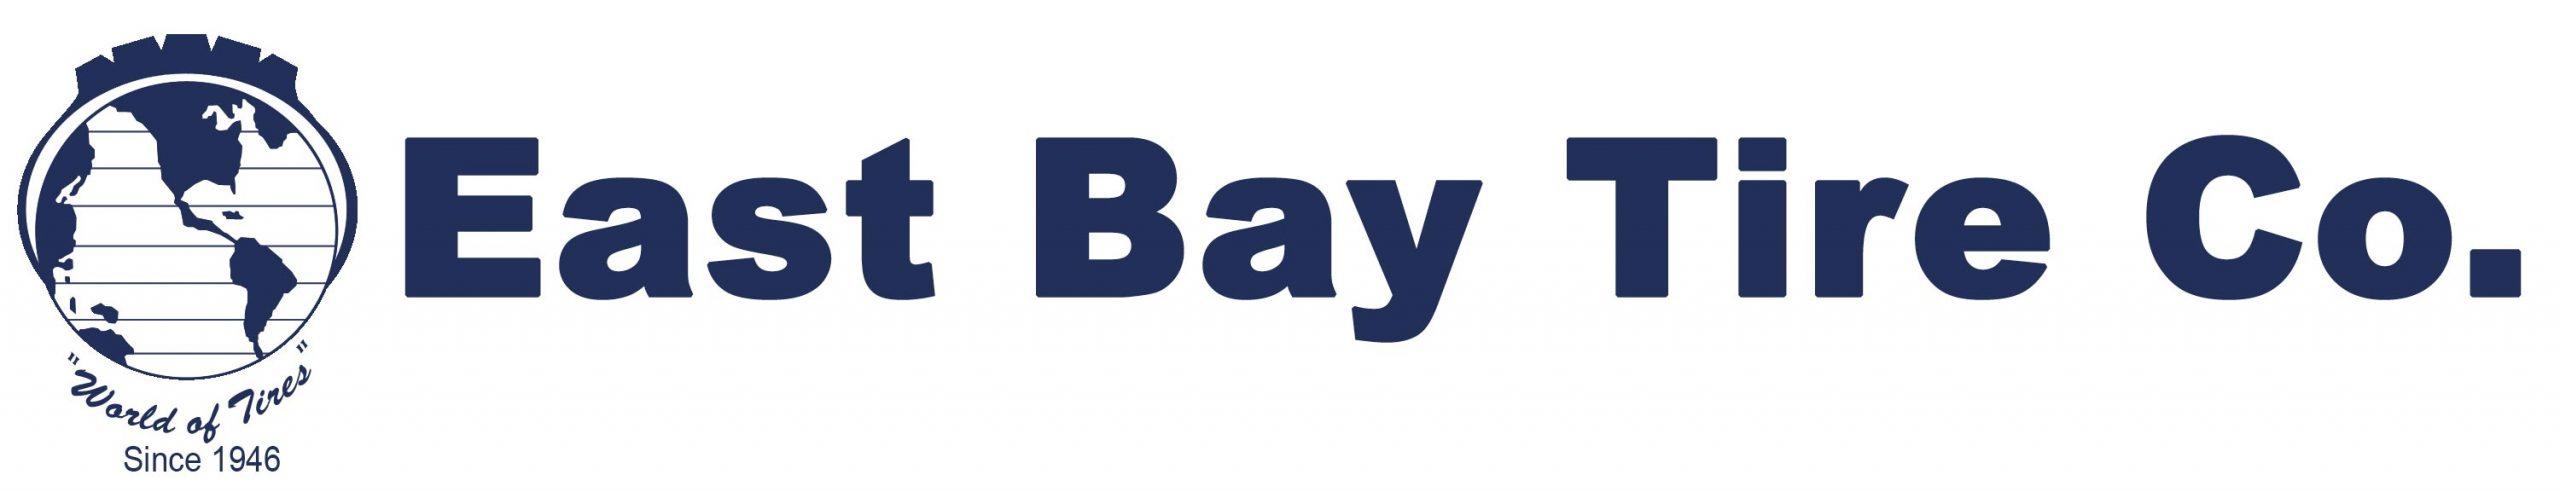 ebt-logo-with-brand-id-copy